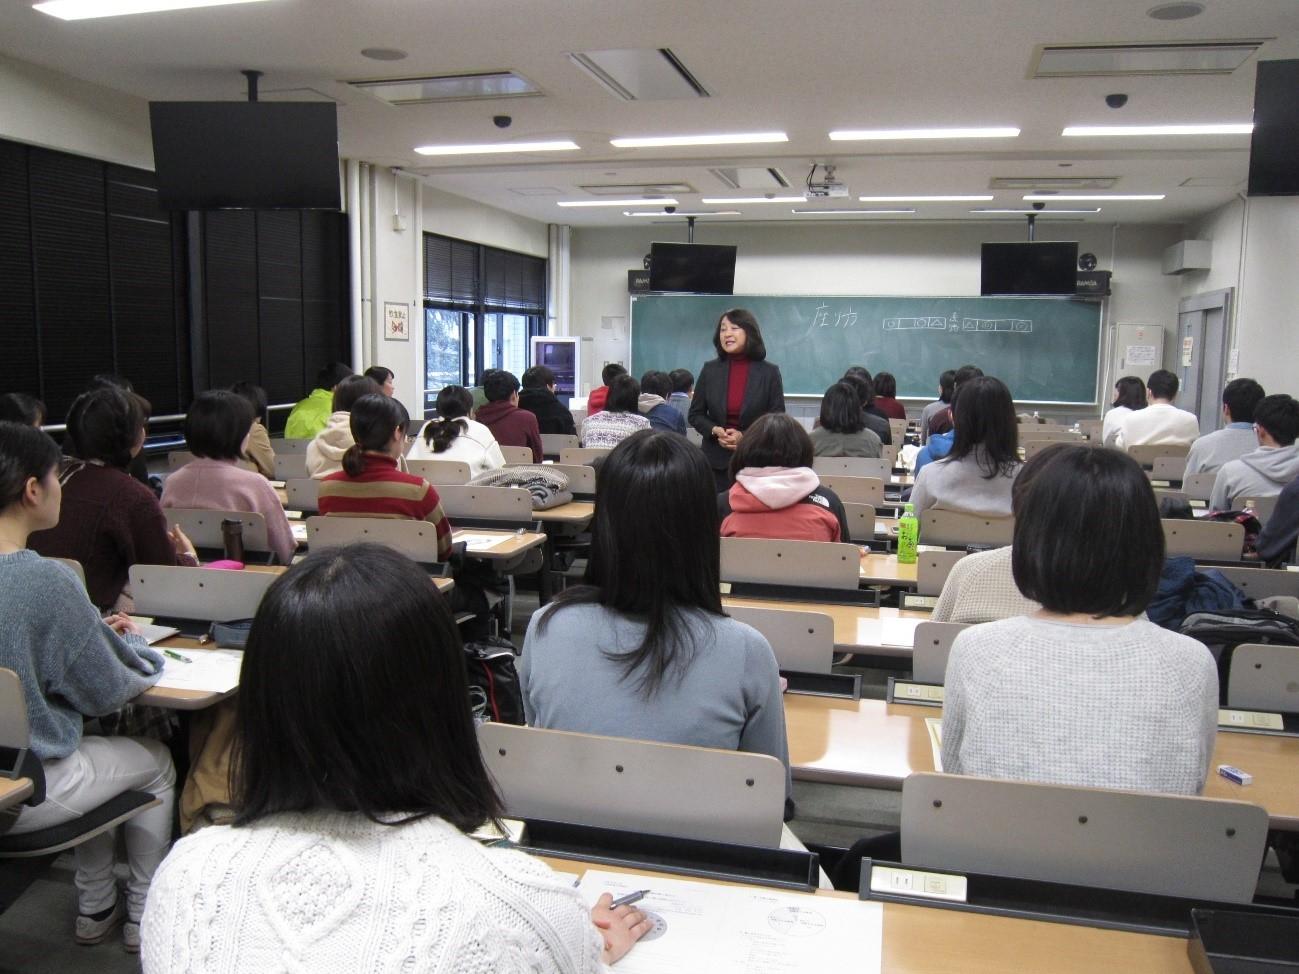 令和3年3月卒業・修了予定者対象の企業・公務員就職対策講座を開催しました。